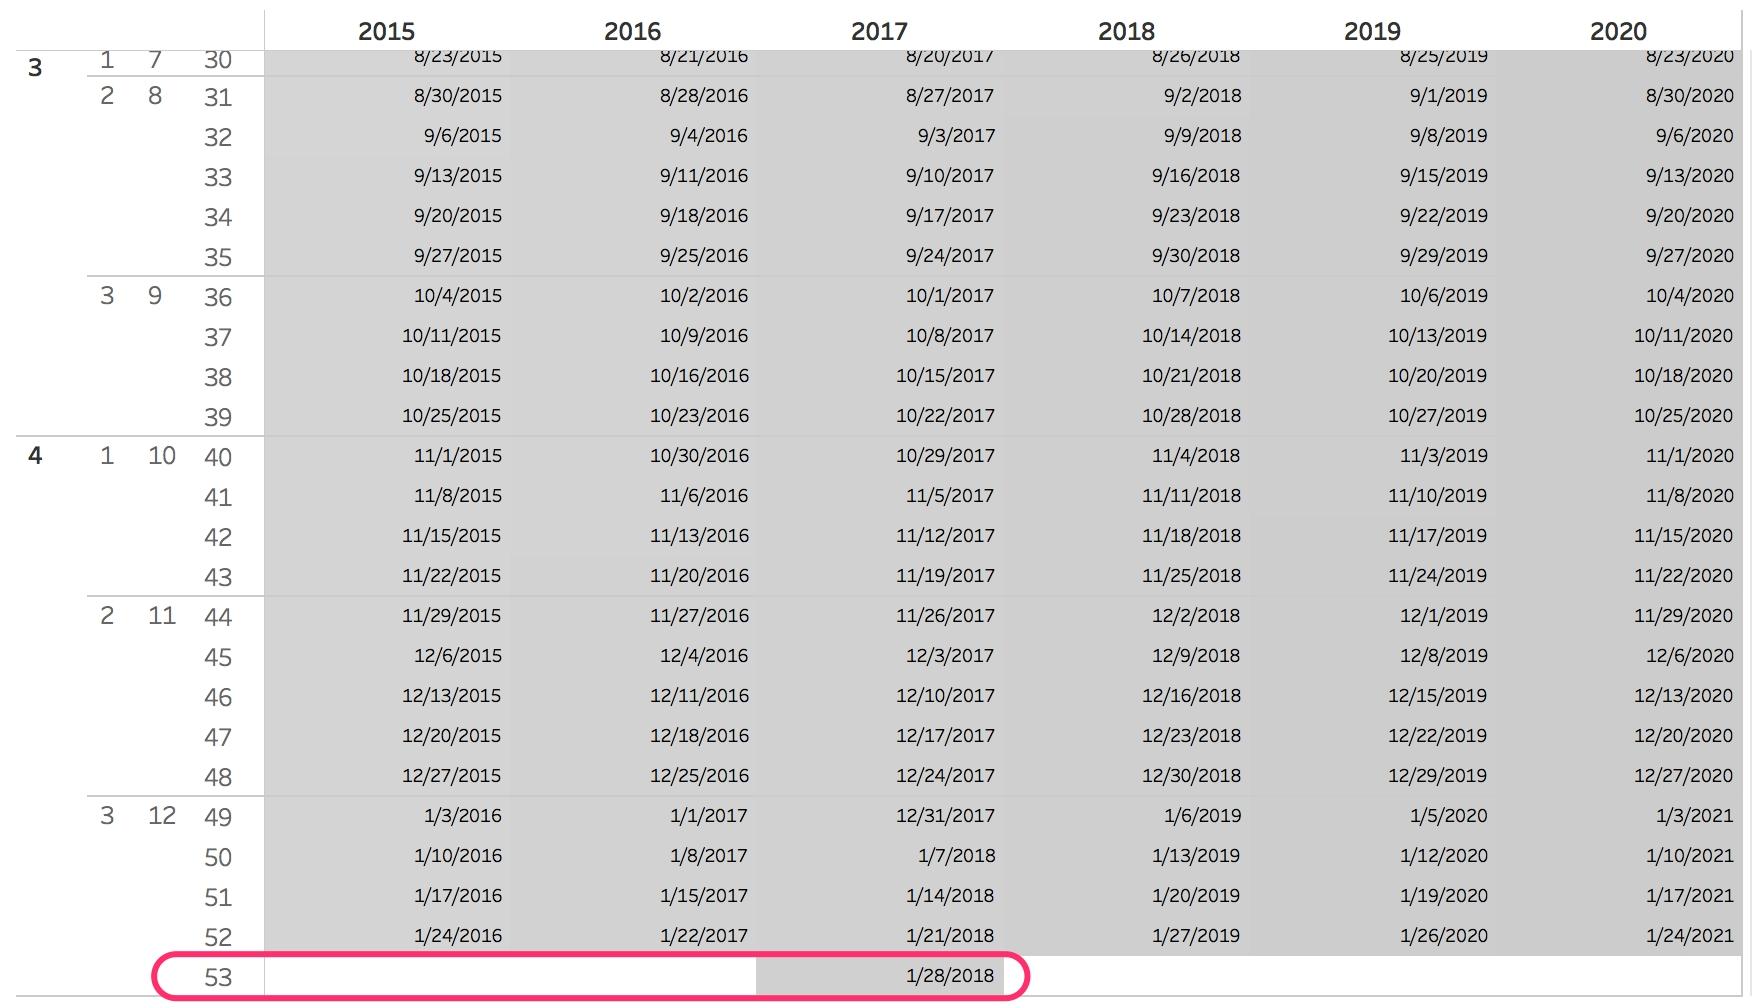 Creating A 4 5 4 Retail Calendar Using Sql And Dbt | Calogica 2019 Calendar 4 5 4